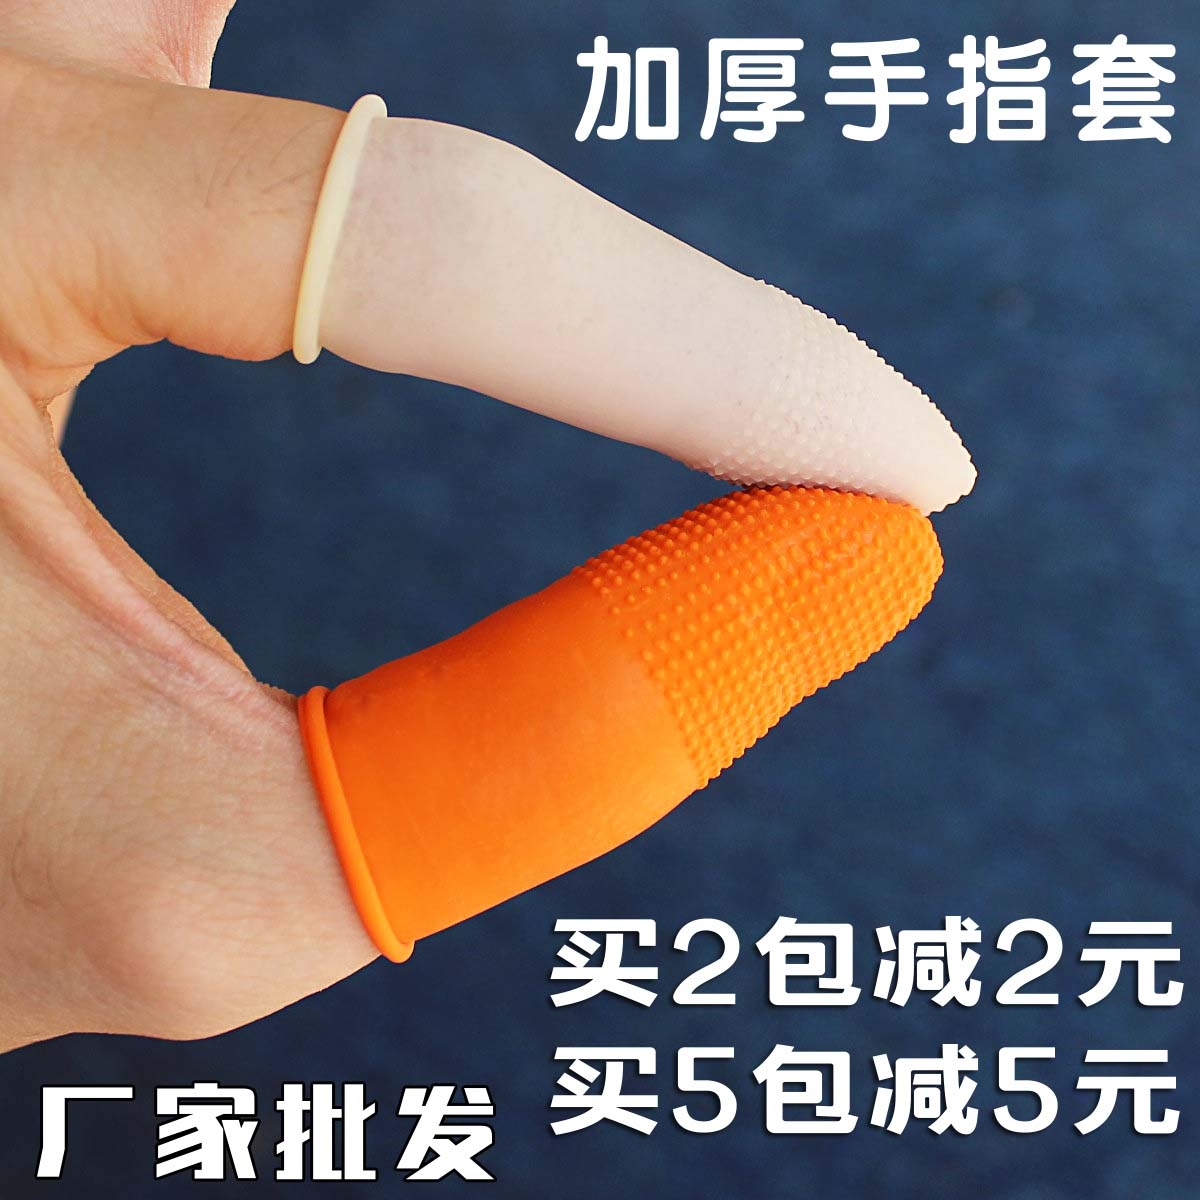 橙色一次性麻点胶橡胶防滑手指套劳保工业耐磨加厚乳胶防护指套